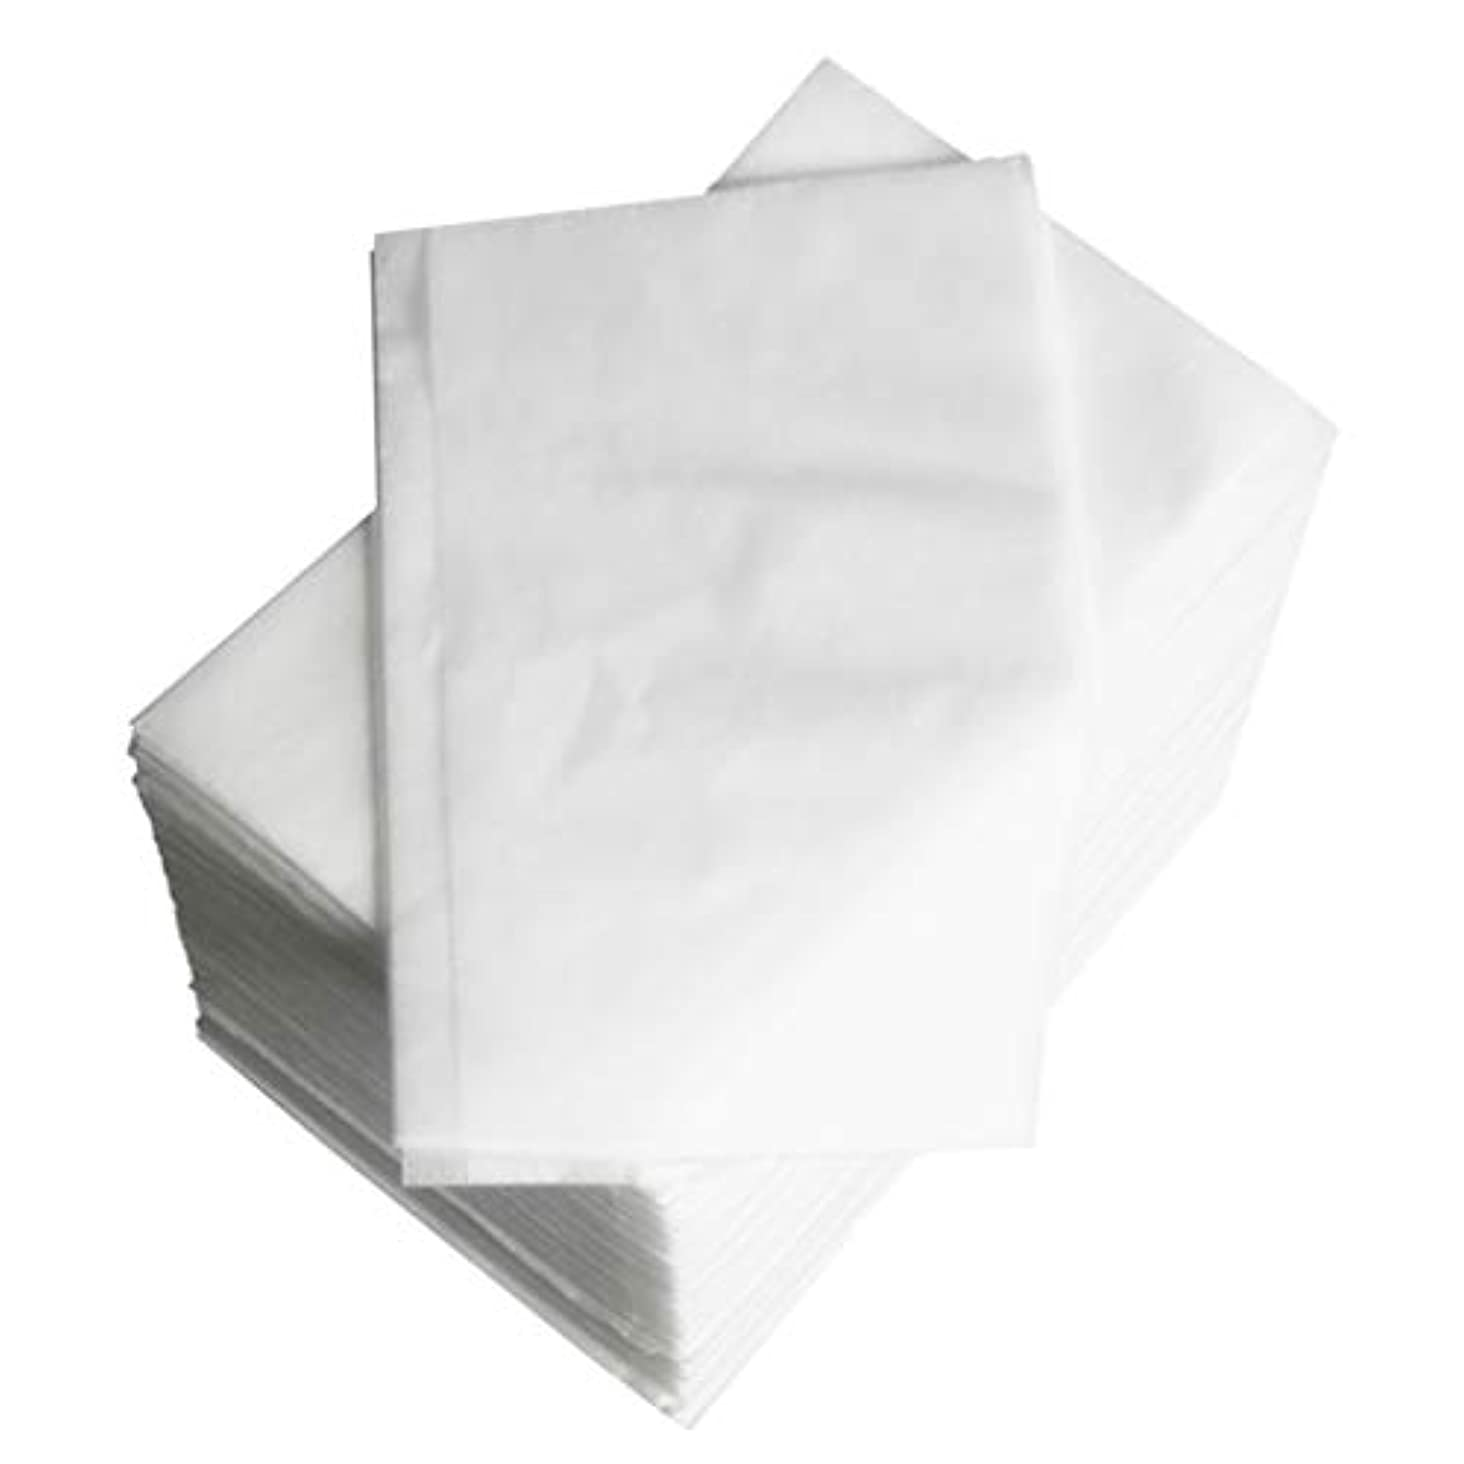 カイウスリーフレットエキスchiwanji マッサージ テーブルカバー使い捨て 約100個入り 全2カラー - 白